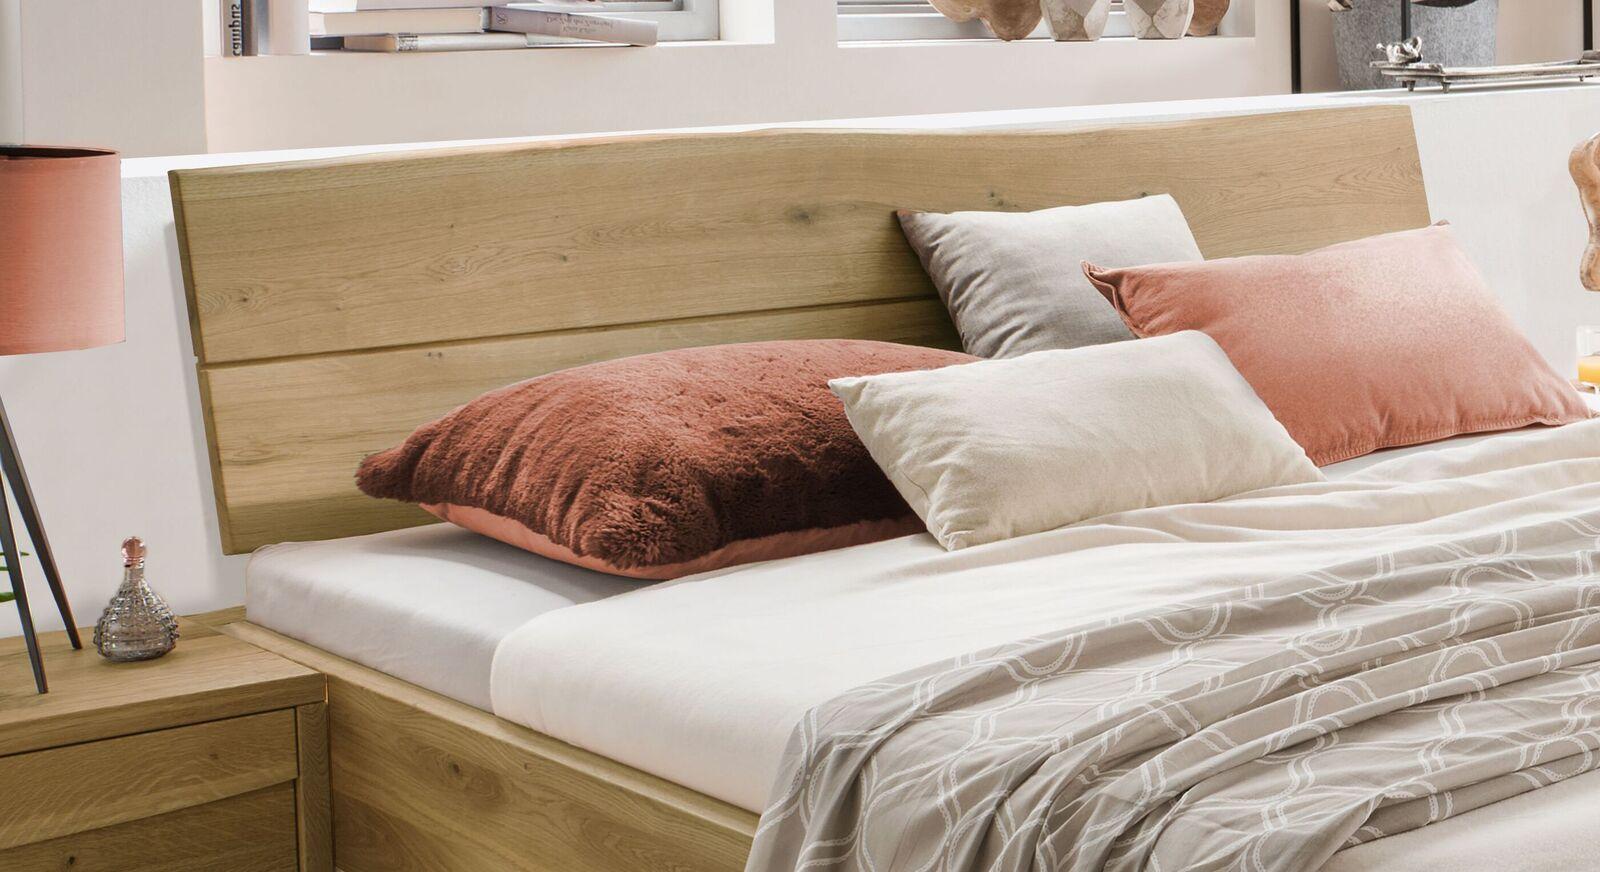 Bett Andaus Kopfteil in natürlicher Optik